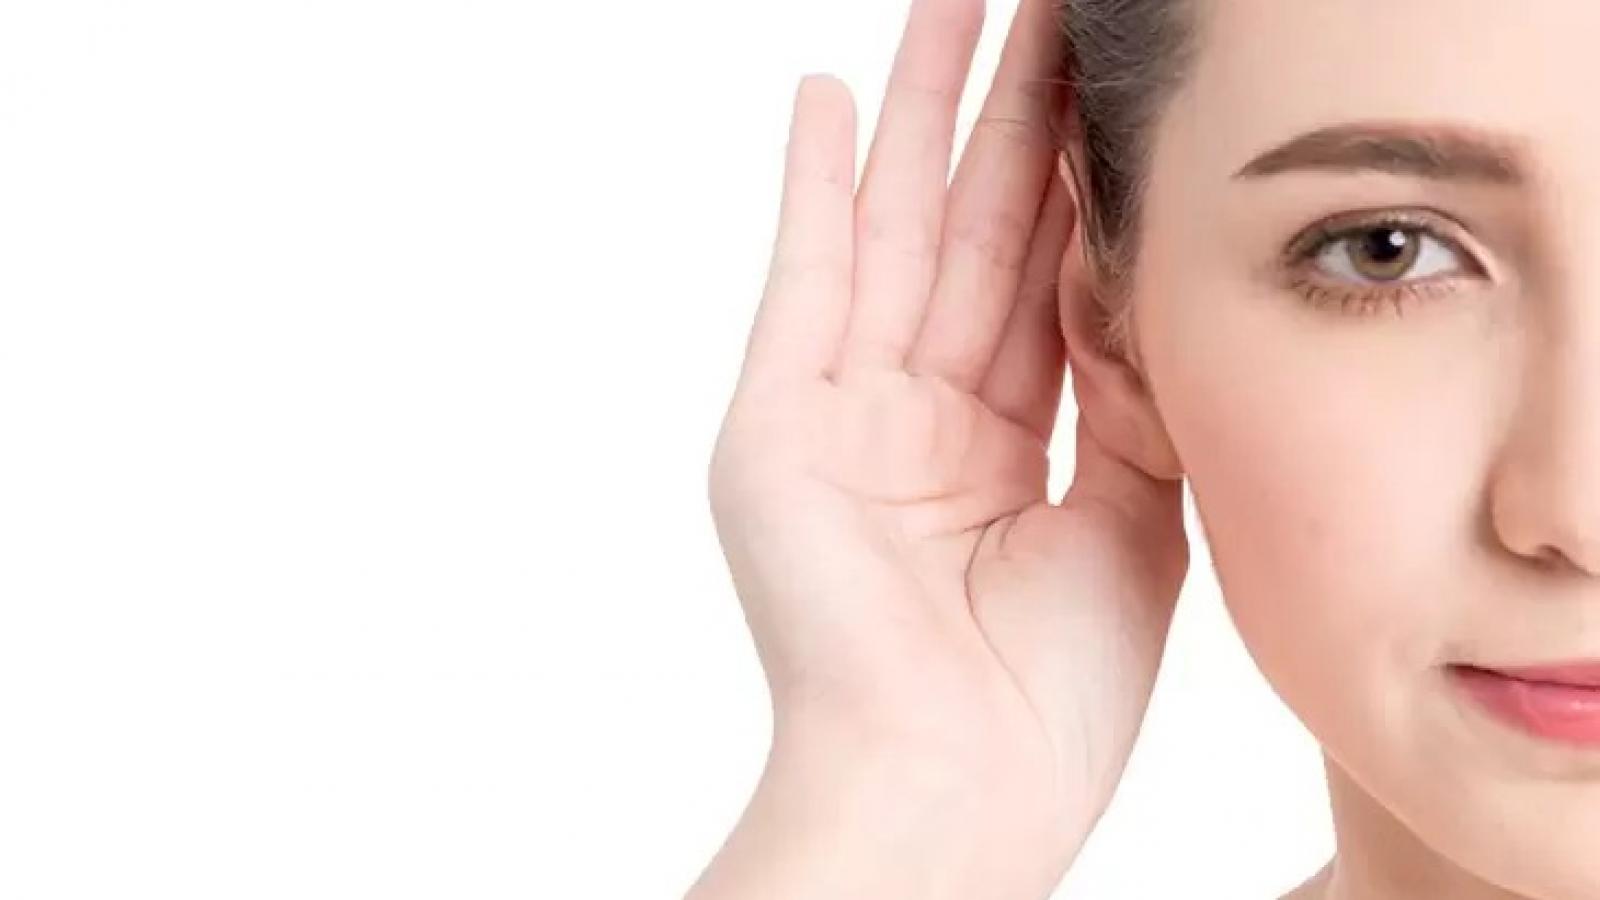 clinica de cirurgia plastica em santos dra ana lucia lemos otoplastica correçao de orelhao 24.10